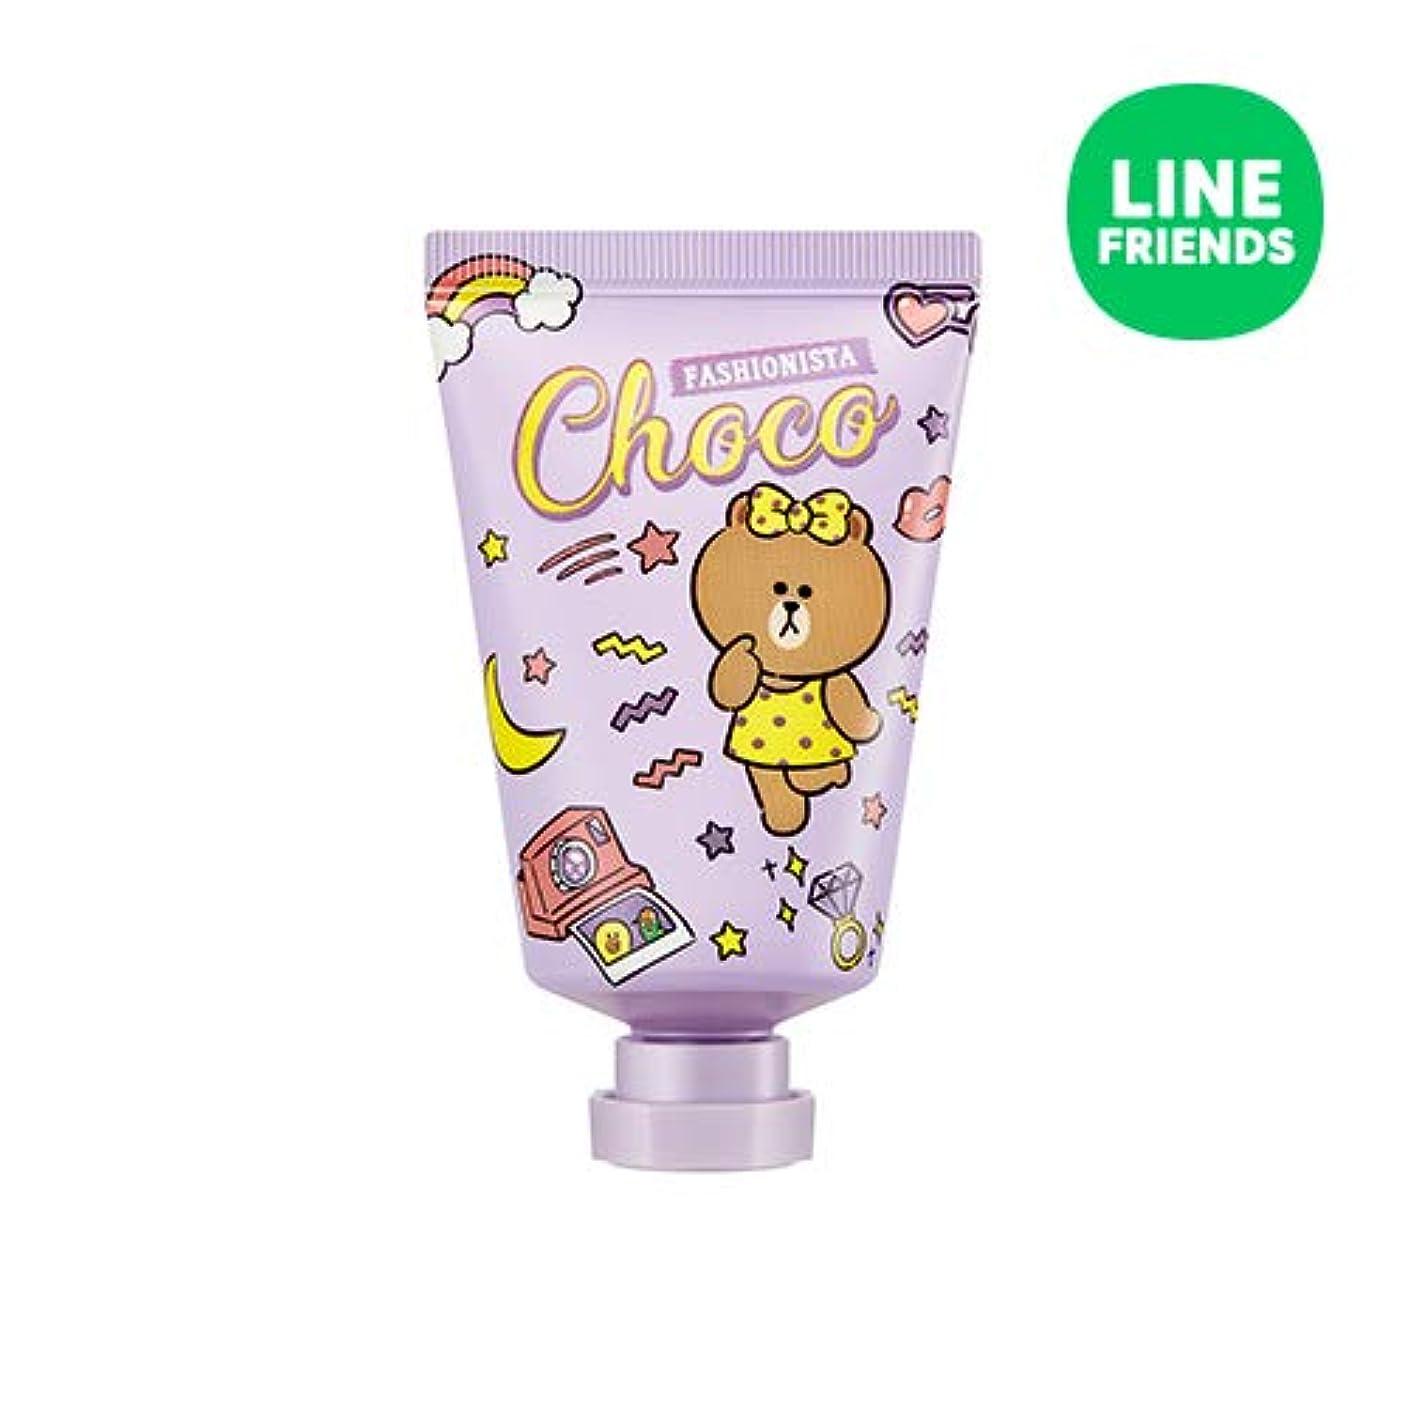 ミシャ(ラインフレンズ)ラブシークレットハンドクリーム 30ml MISSHA [Line Friends Edition] Love Secret Hand Cream - Choco # Pitch Cocktail [並行輸入品]